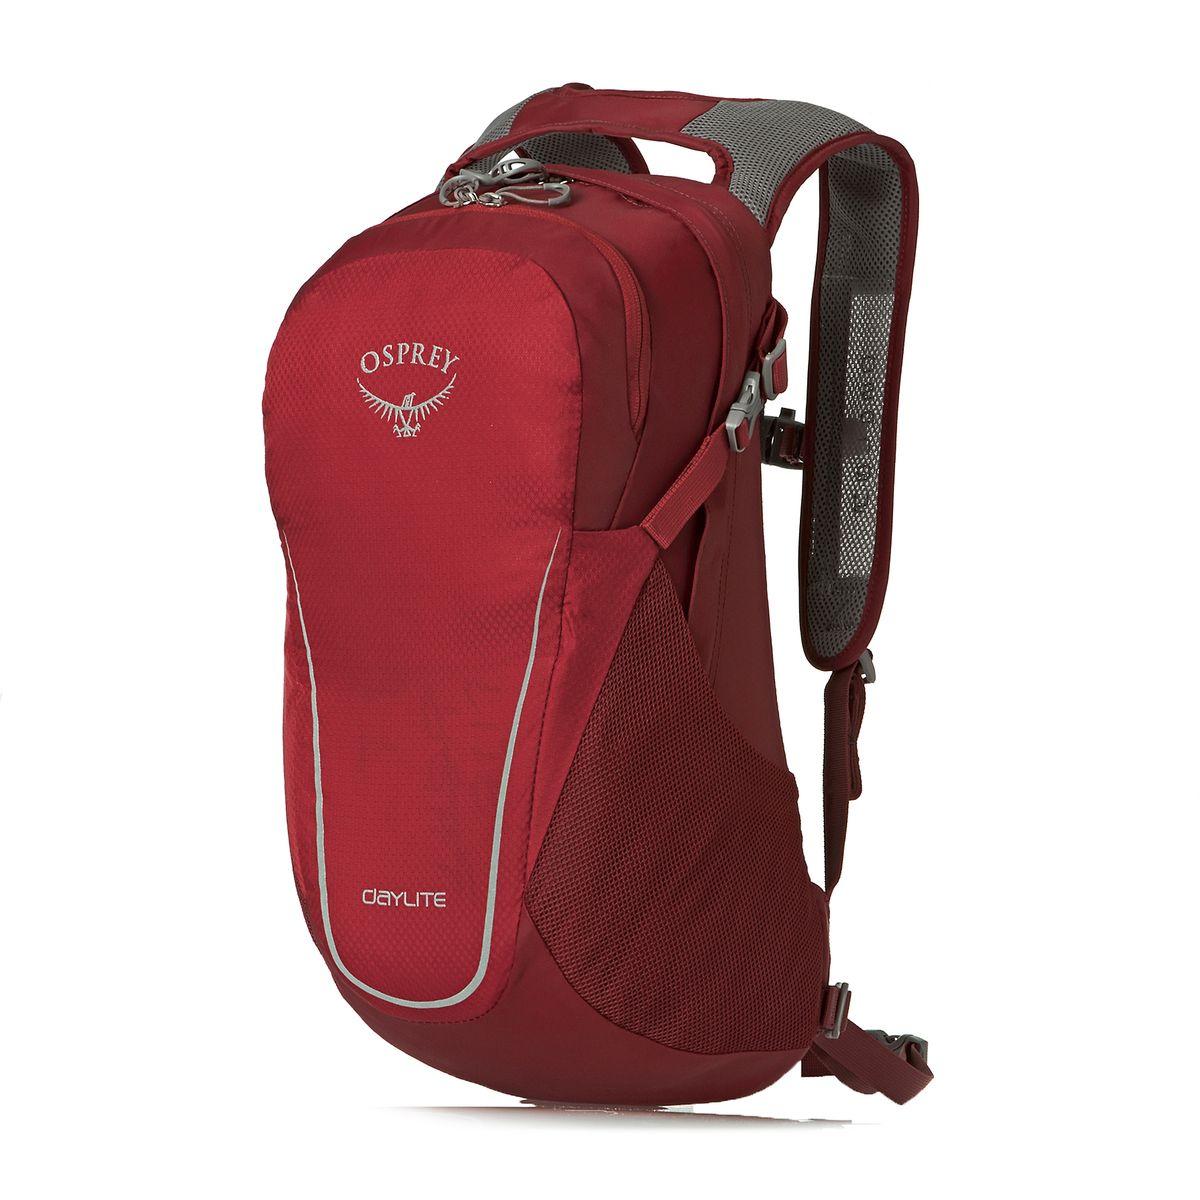 Osprey Daylite 13L Backpack £19.48 delivered at Surfdome